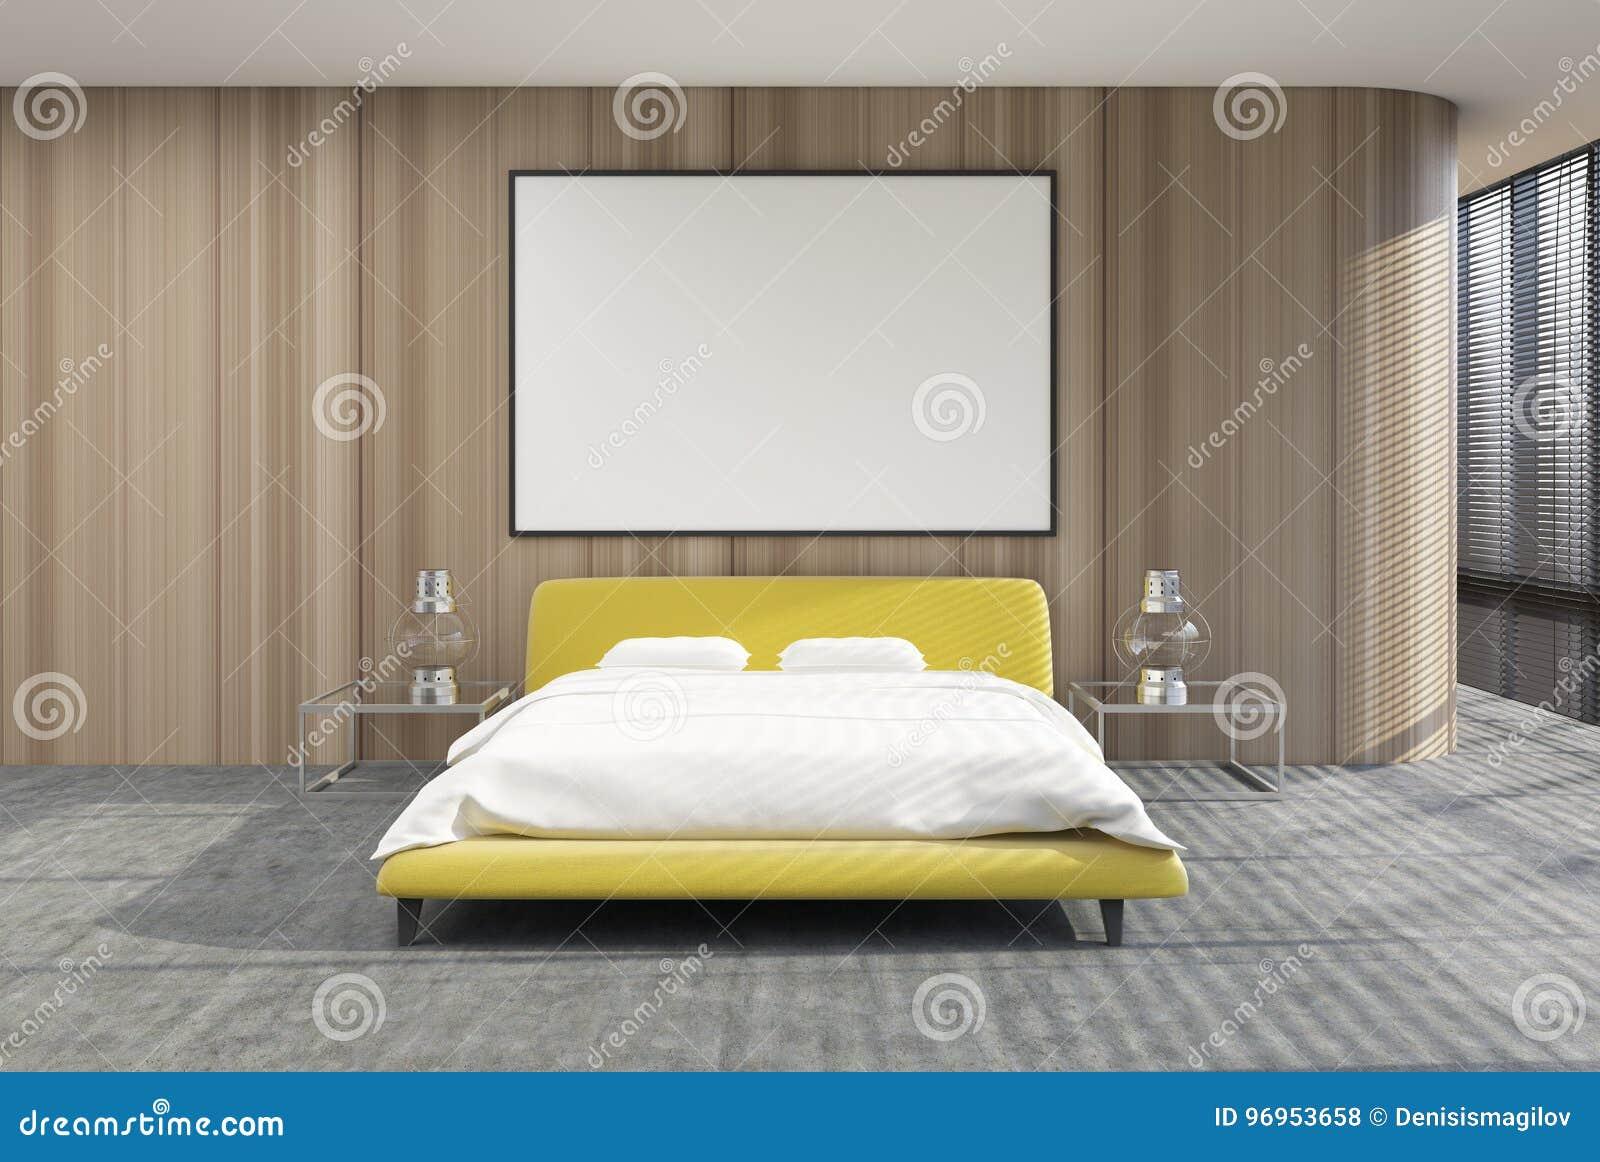 Letto Matrimoniale Giallo : Mandi in aria linterno della camera da letto le tonalità